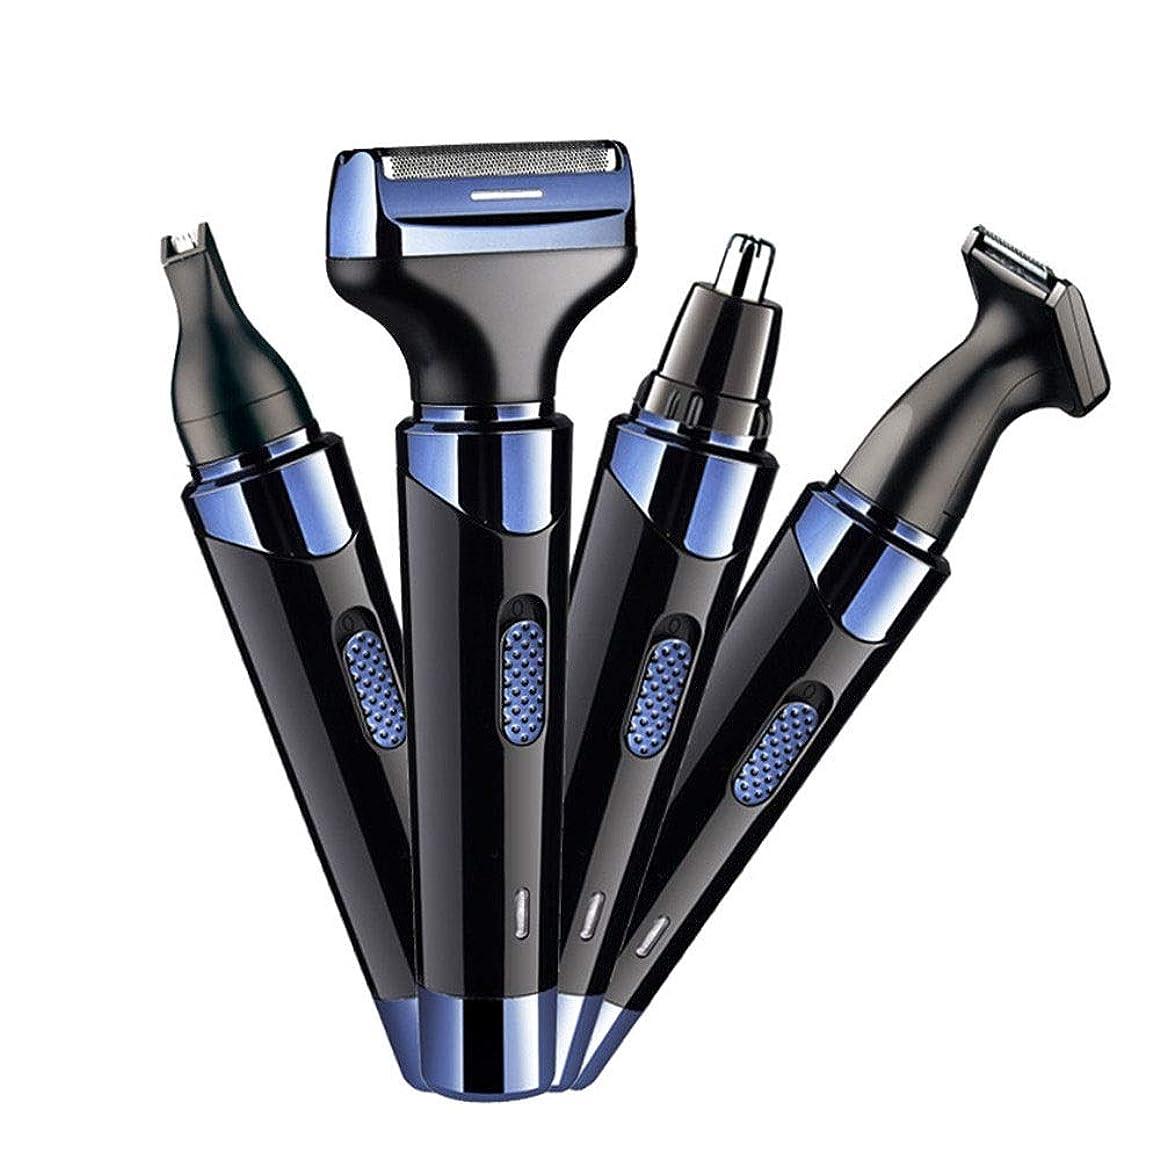 バイアス自転車ハーネスシェービング鼻毛クリーニングミニシェービングレタリング修理ナイフ多機能充電メンズ鼻毛トリマー (Color : Blue, Size : USB)